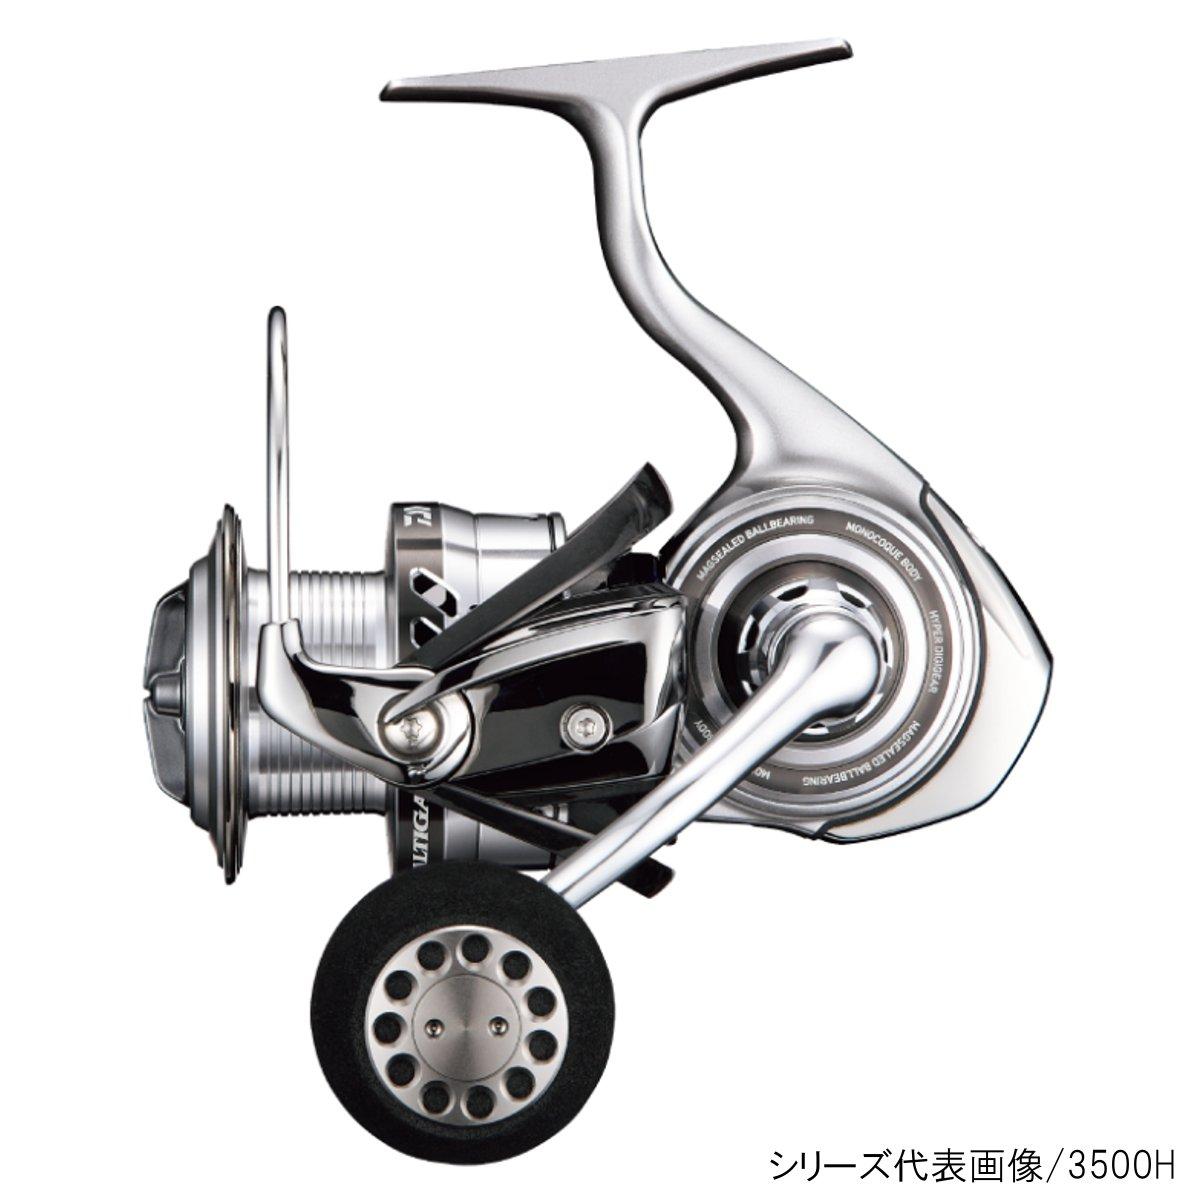 ダイワ ソルティガ BJ(ベイジギング) 3500SH【送料無料】